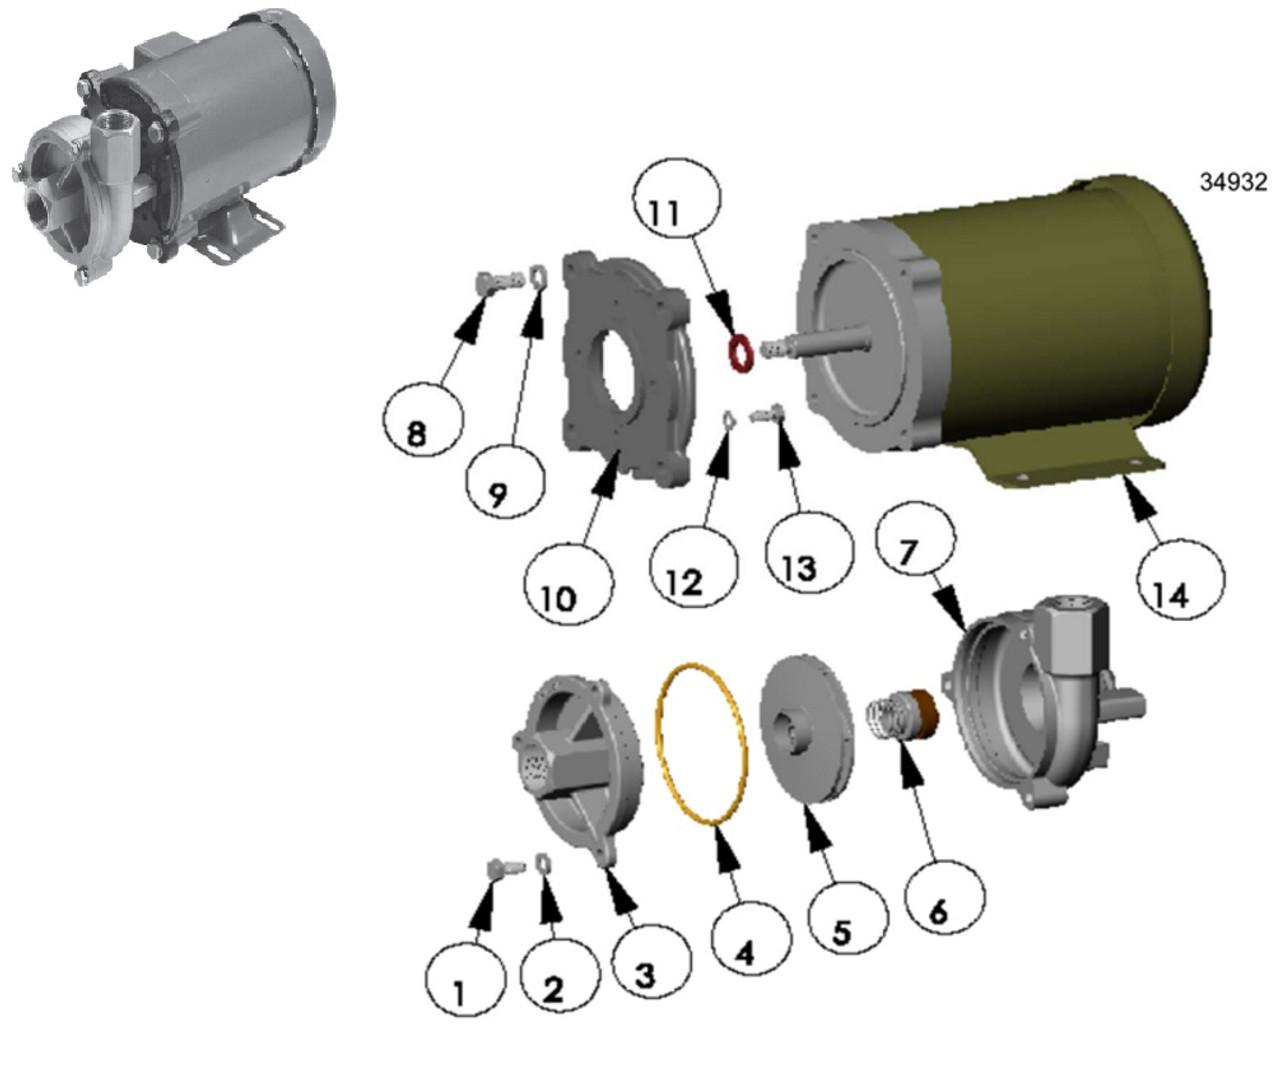 mp pumps frx 100 pump replacement parts cover 3 [ 1005 x 838 Pixel ]